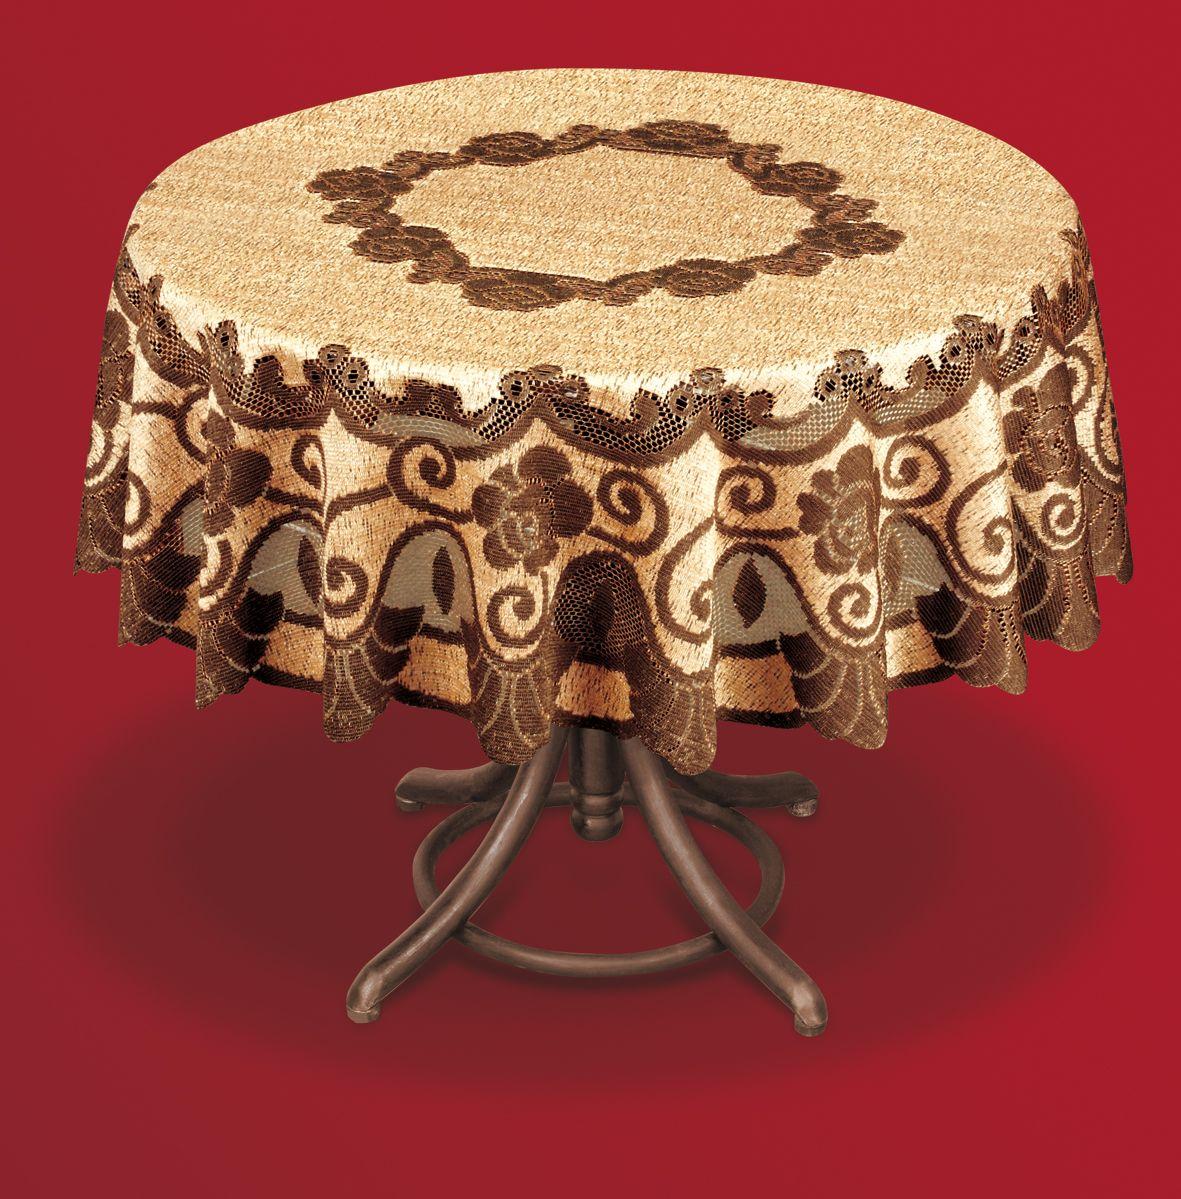 Скатерть Haft, круглая, цвет: коричневый, бежевый, диаметр 200 см. 201553VT-1520(SR)Великолепная скатерть Haft, выполненная из полиэстера, органично впишется в интерьер любого помещения, а оригинальный дизайн удовлетворит даже самый изысканный вкус.Скатерть Haft создаст праздничное настроение и станет прекрасным дополнением интерьера гостиной, кухни или столовой.